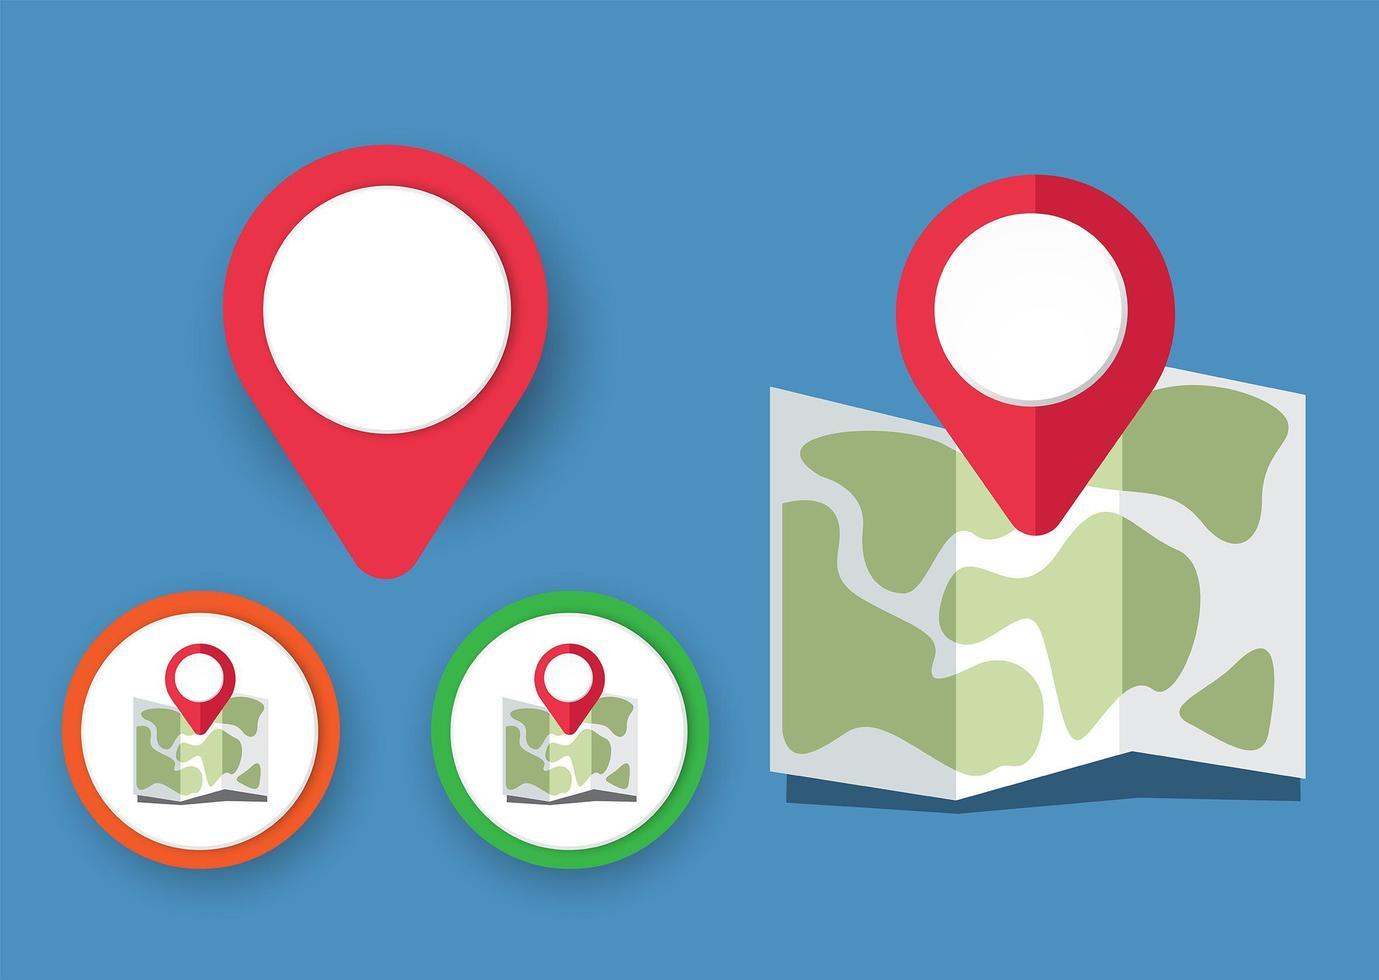 iconos de mapa con puntero vector